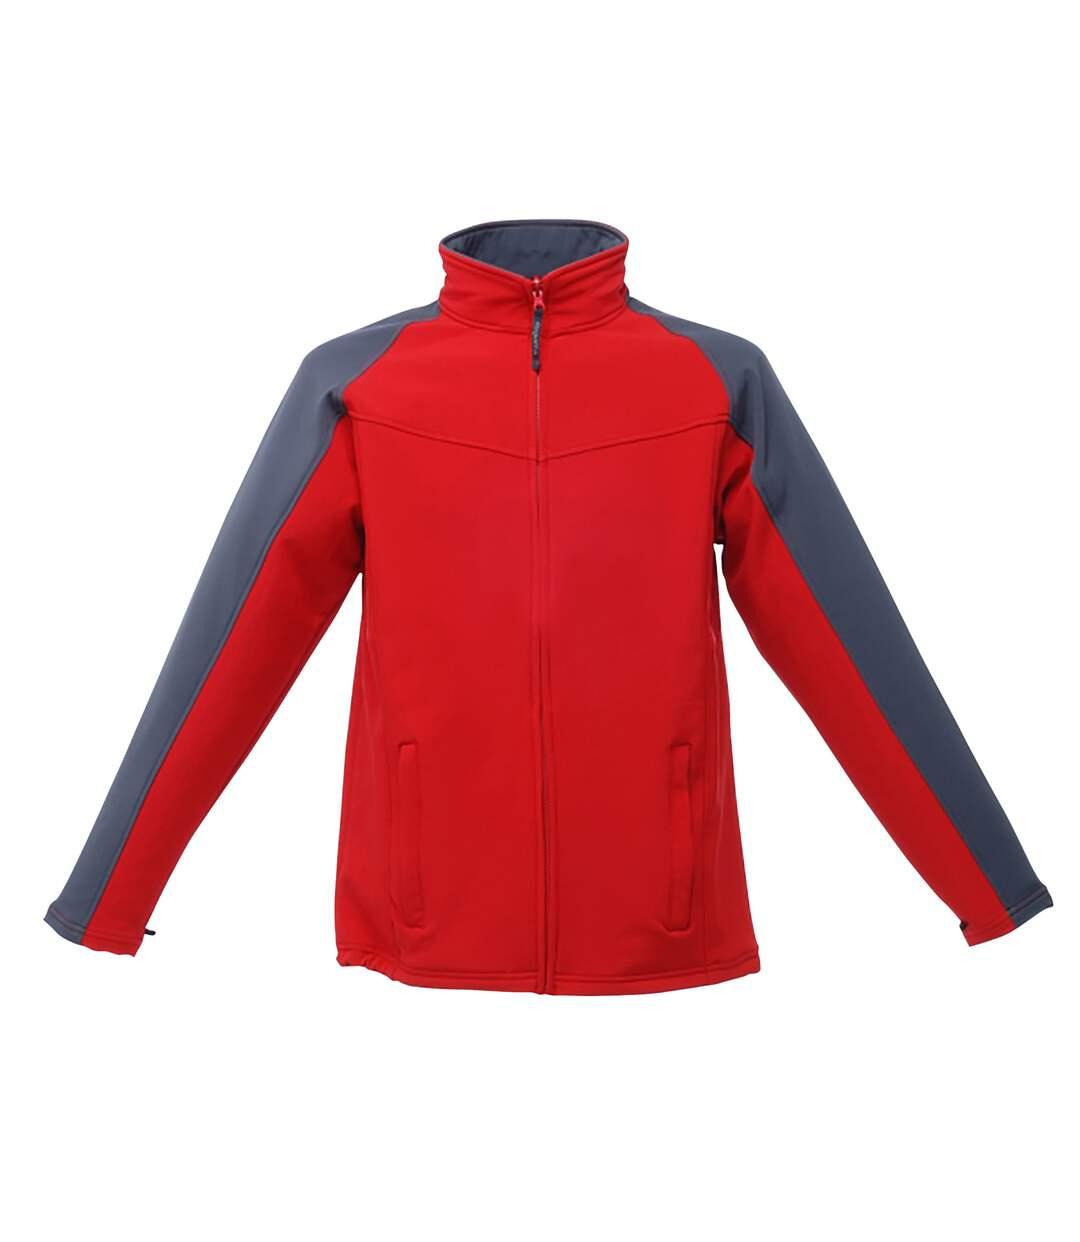 Regatta - Veste Softshell Uproar - Homme (Rouge/gris foncé) - UTRG1480